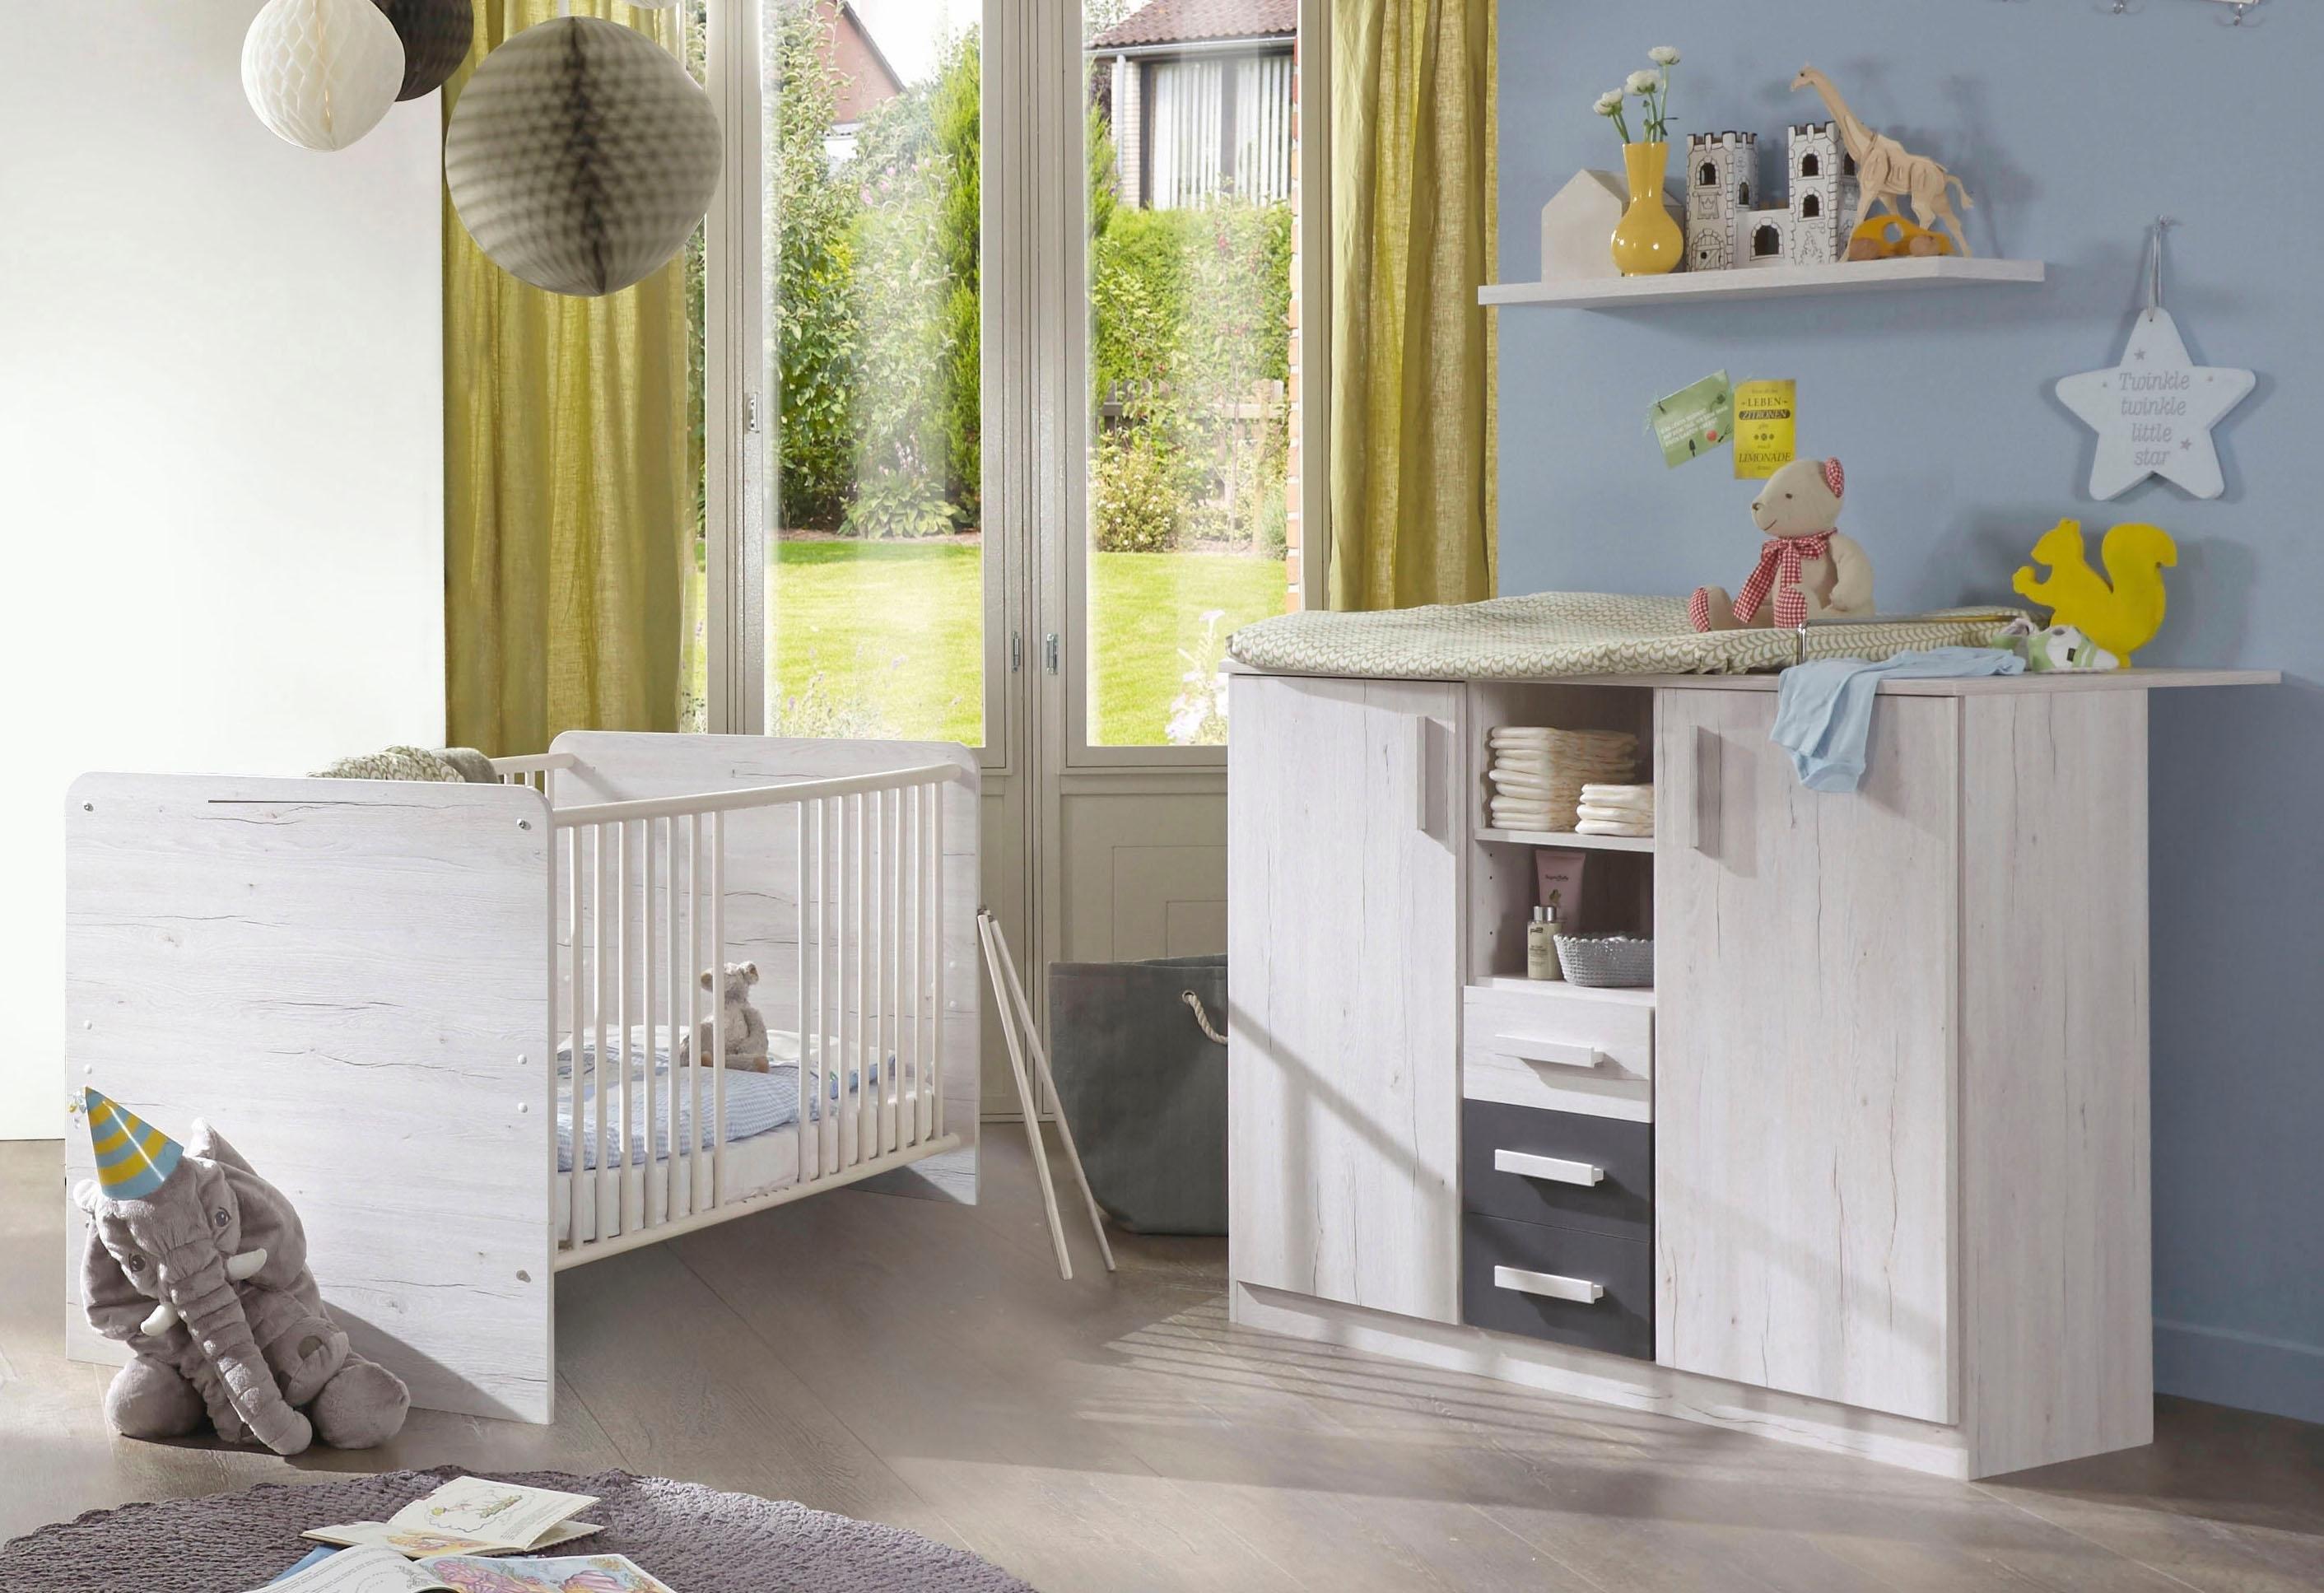 Babykamer Wit Grijs.Voordeelset Babykamer Bergamo Ledikantje Commode 2 Dlg In Imitatie Witeiken Lava